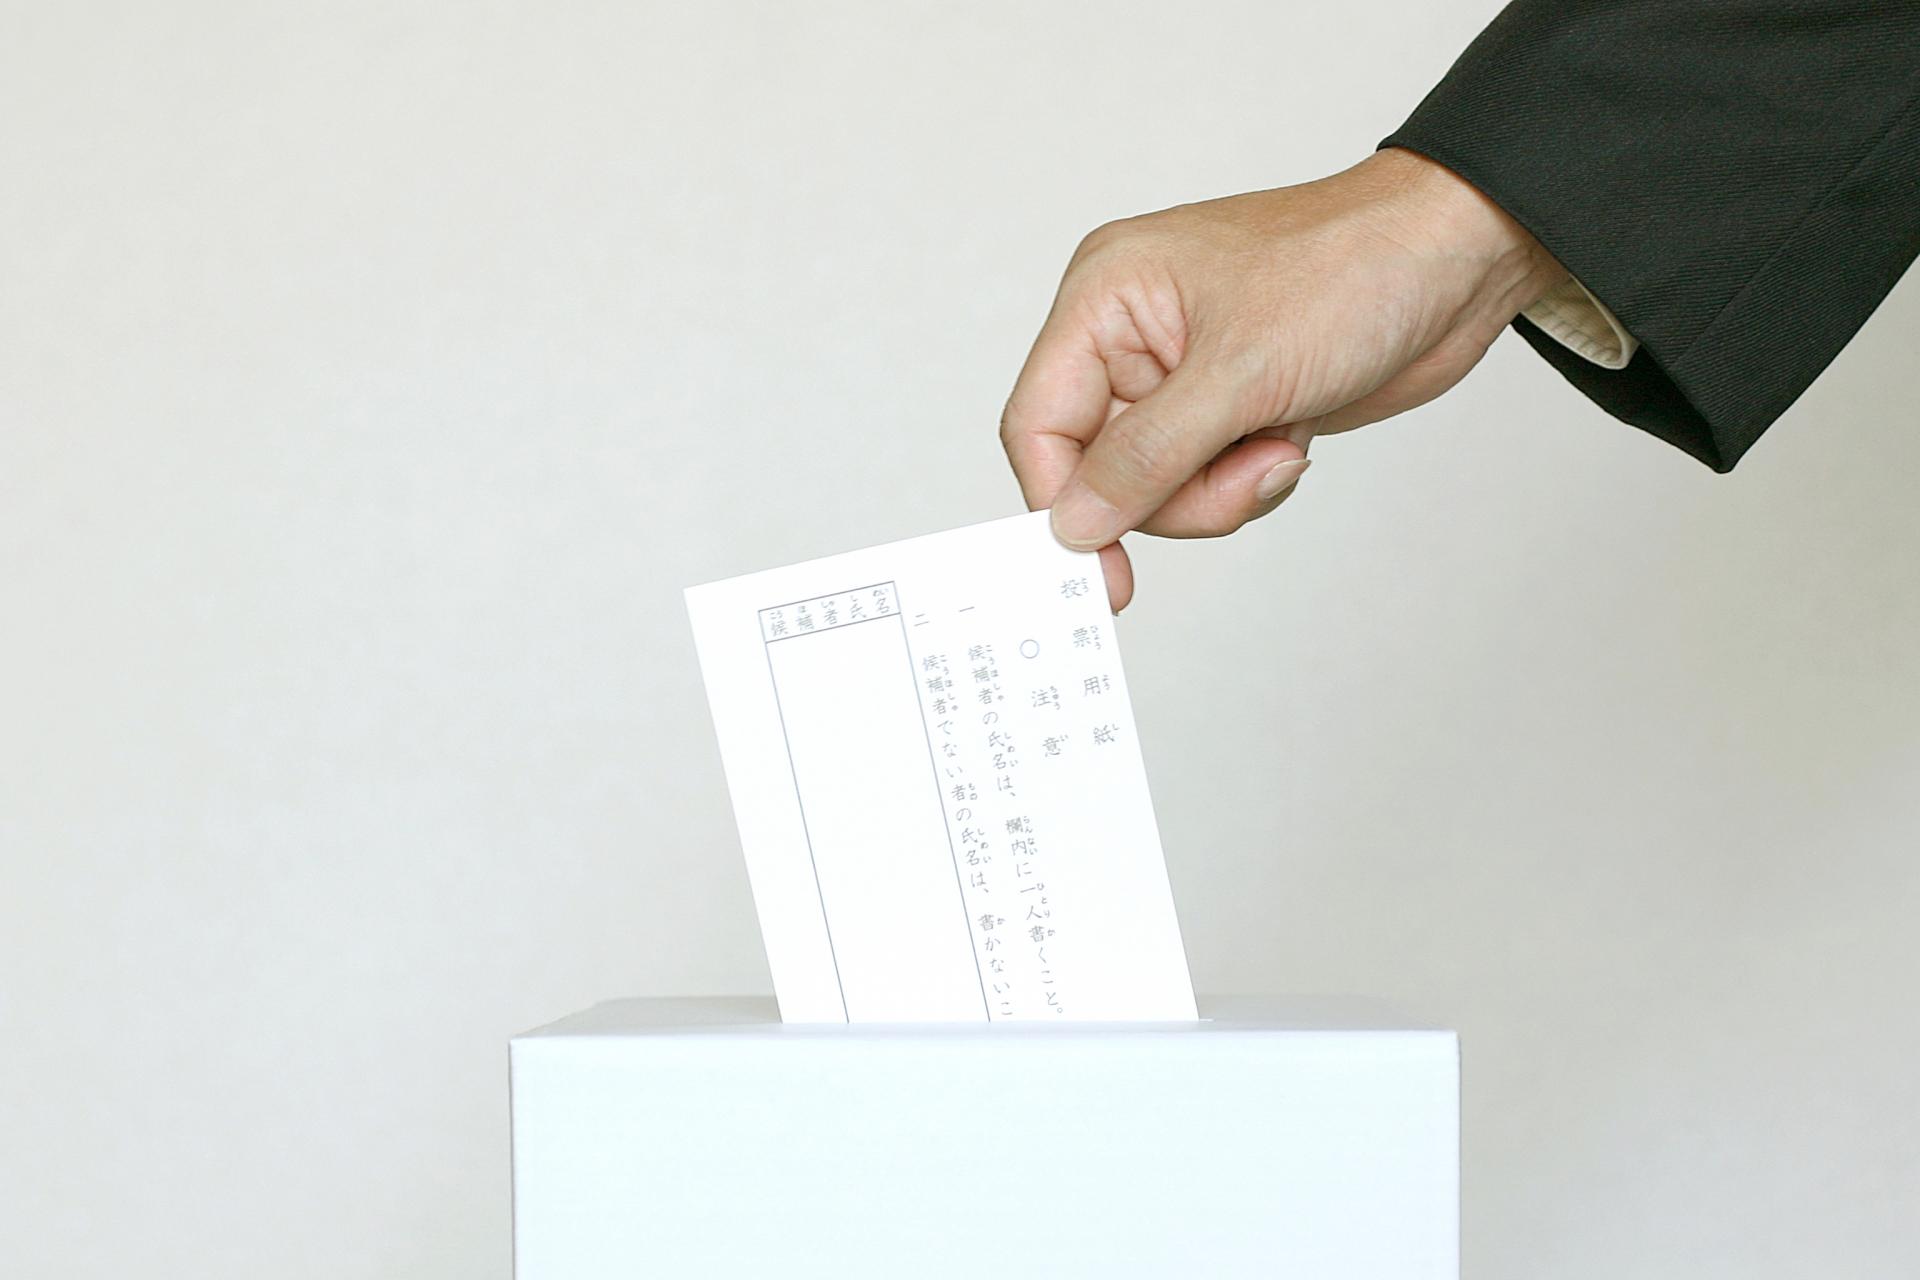 18歳選挙権